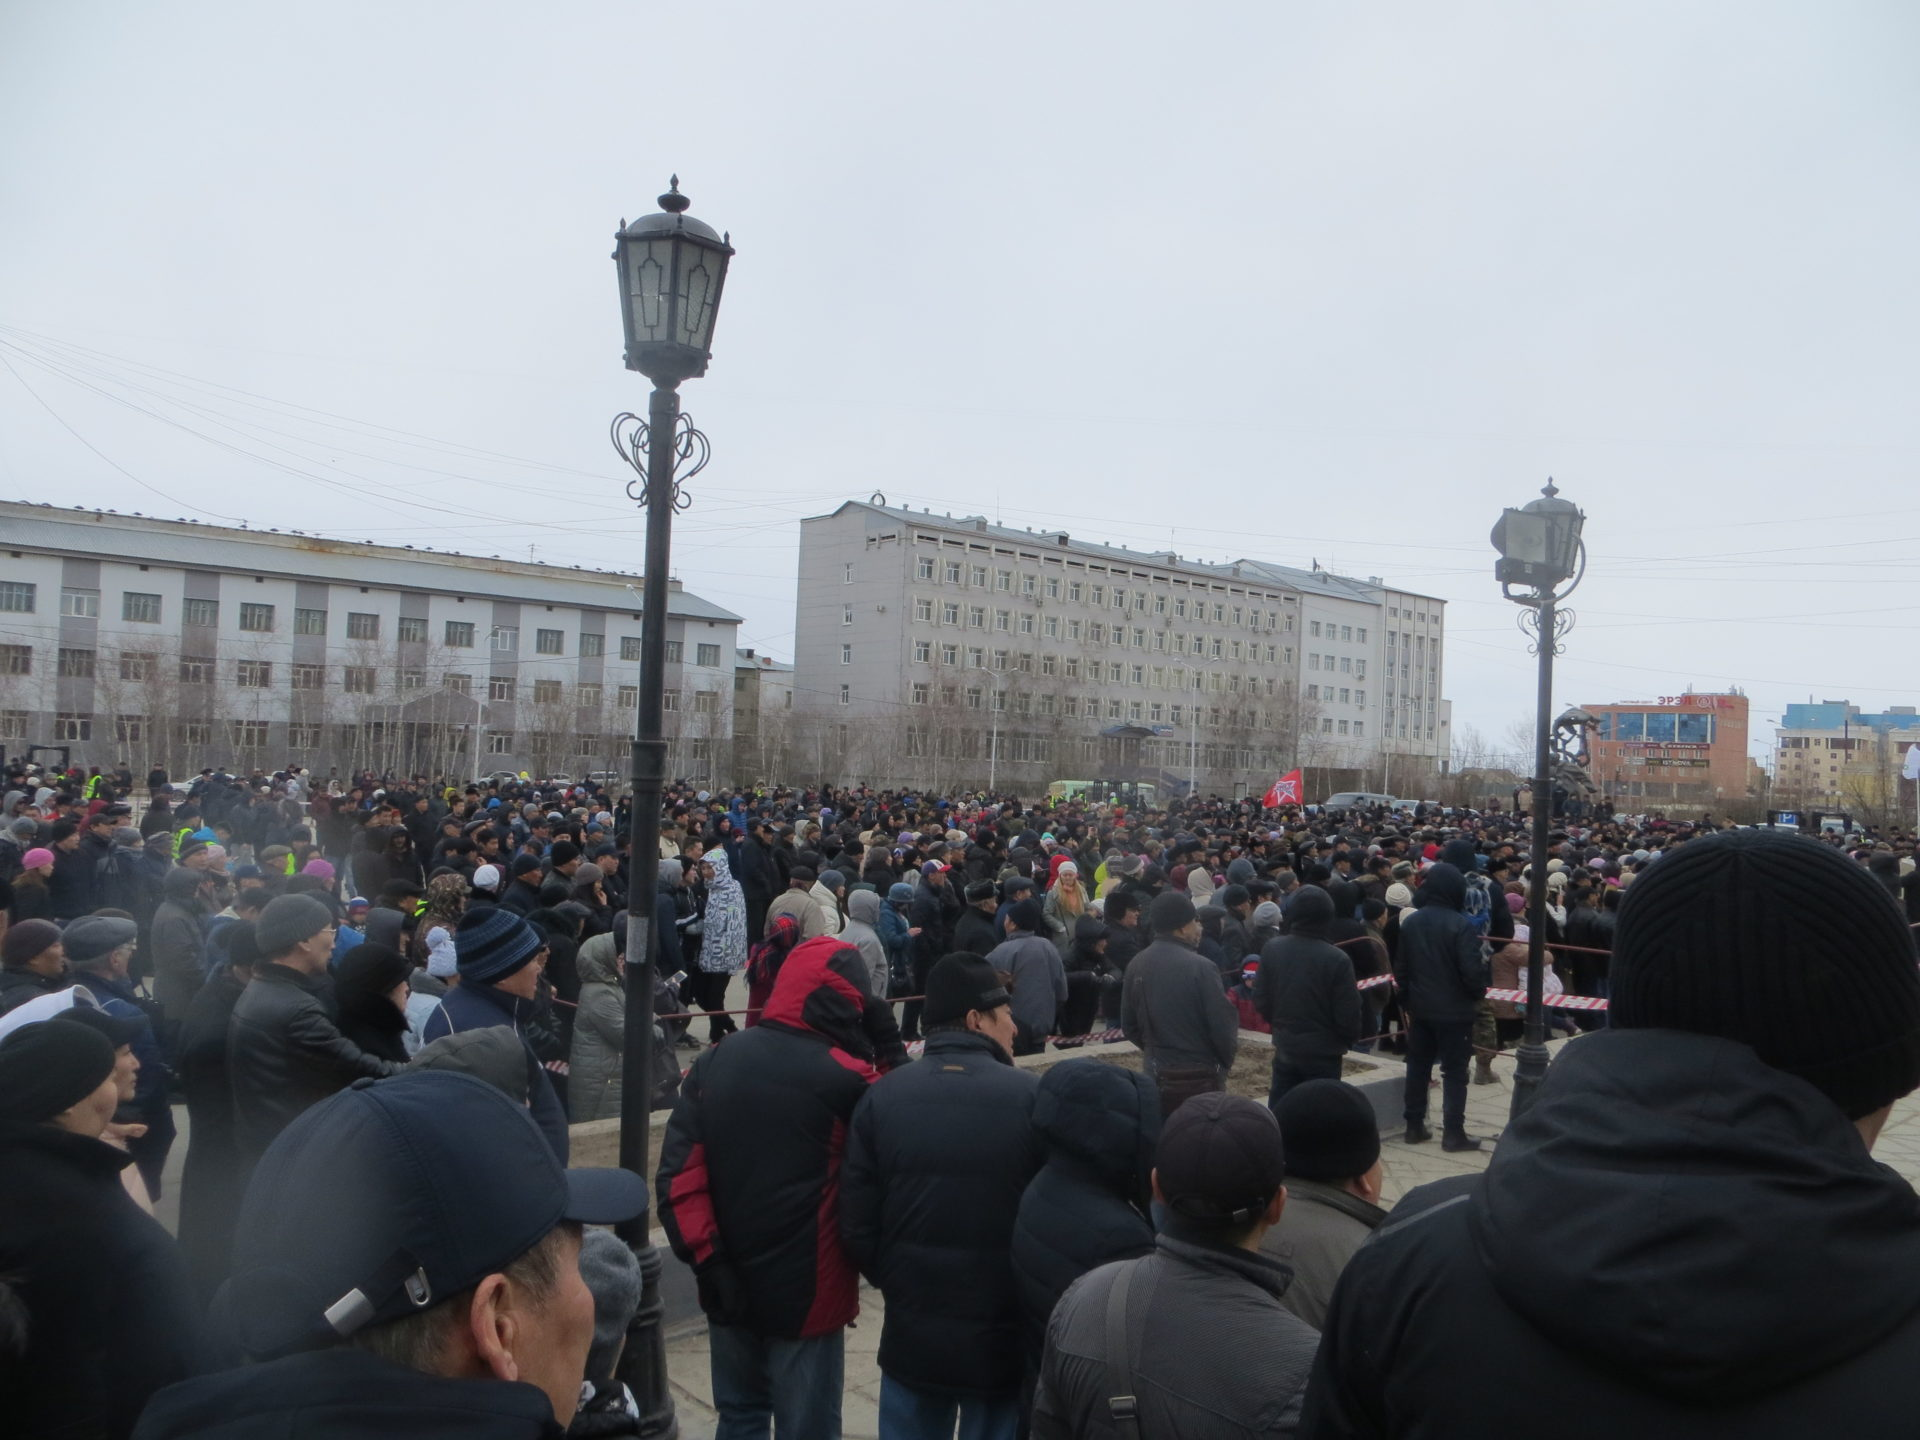 Организаторы митинга сдали в полицию пожилого человека, когда тот попытался прорваться к микрофону